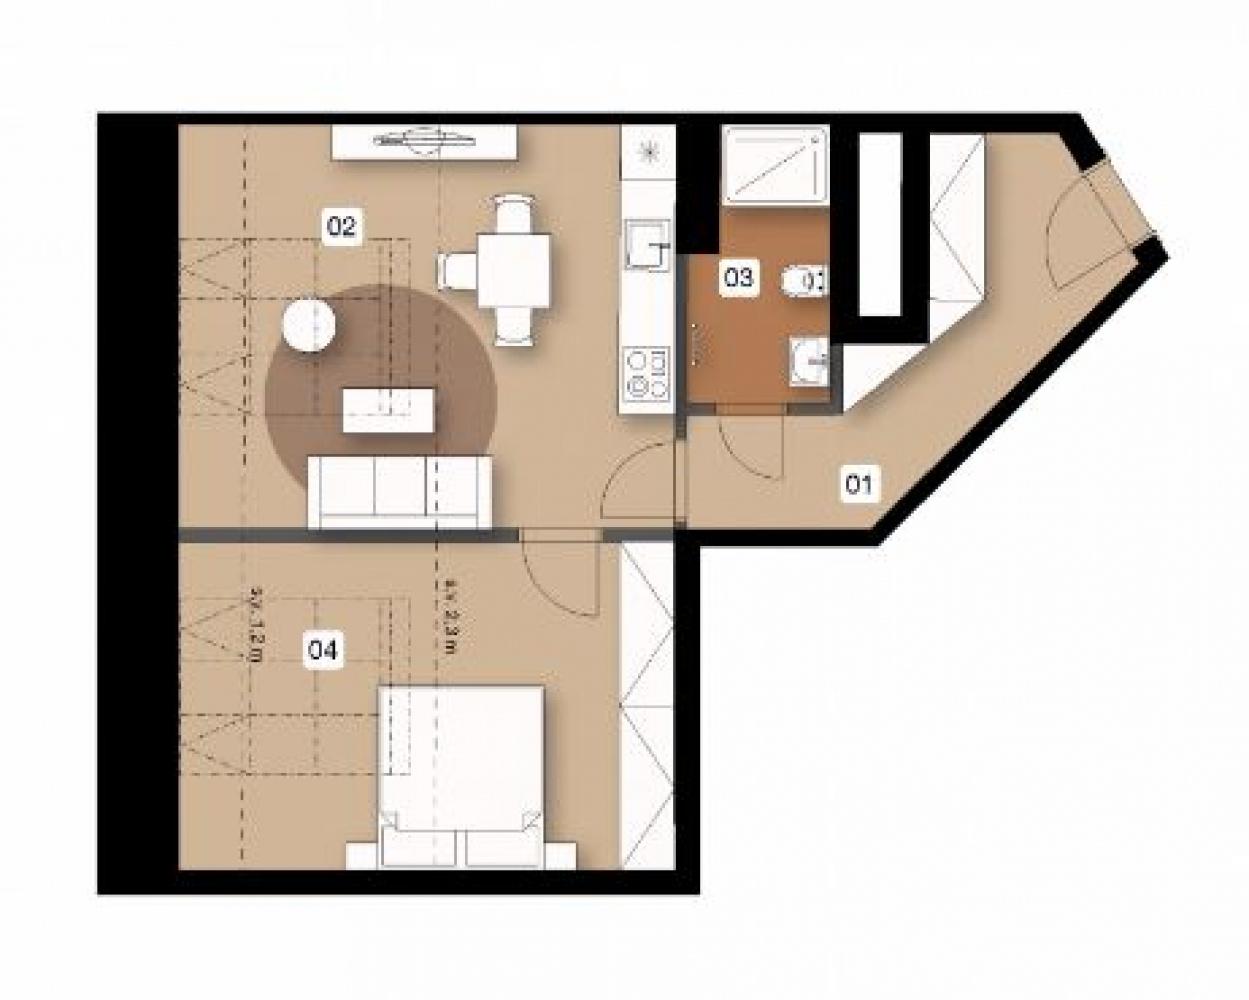 Půdorys - Půdní byt 2+kk, plocha 58 m², ulice Na Spojce, Praha 10 - Vršovice